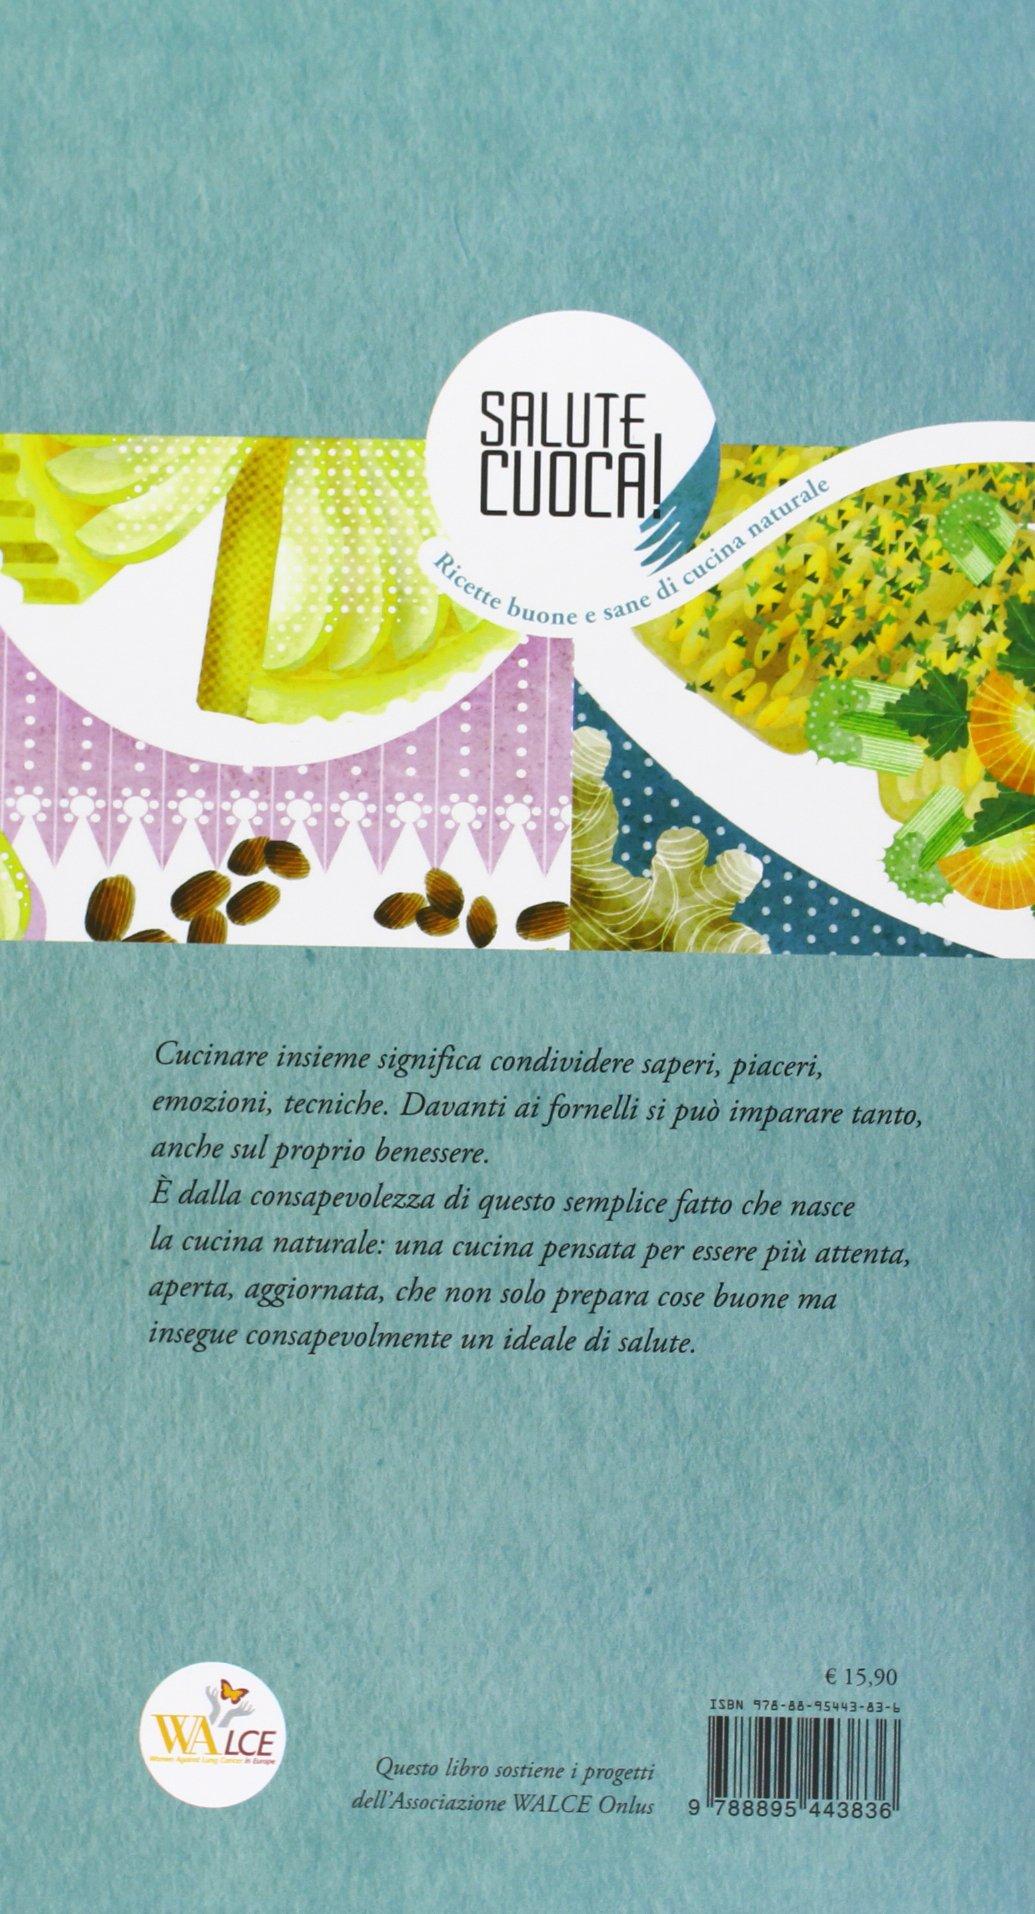 Salute Cuoca Ricette Buone E Sane Di Cucina Naturale Allegro Giovanni Beghelli Annalisa 9788895443836 Amazon Com Books